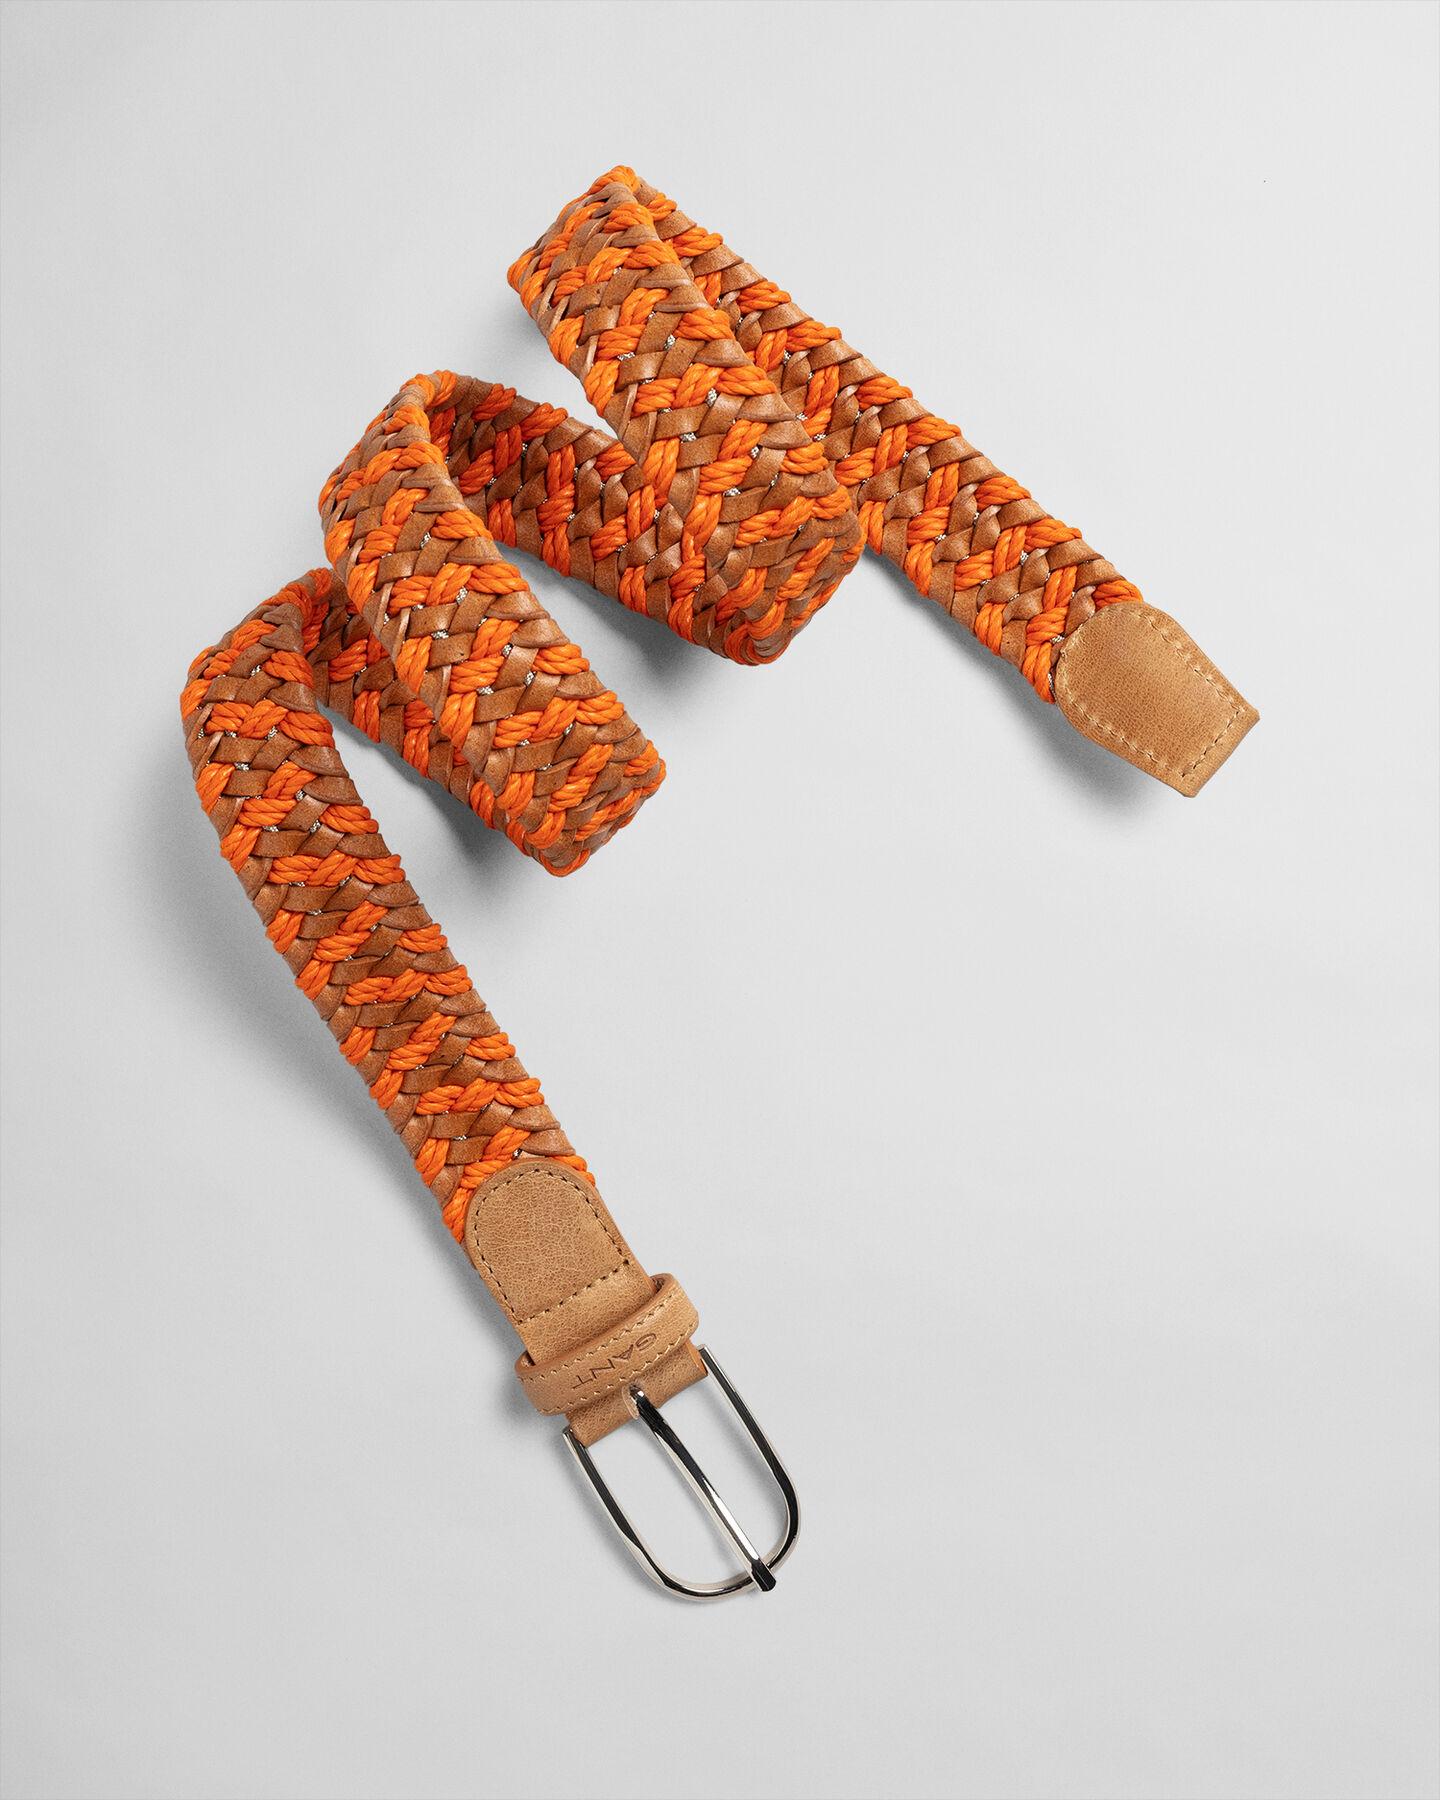 Rope flätat skinnbälte